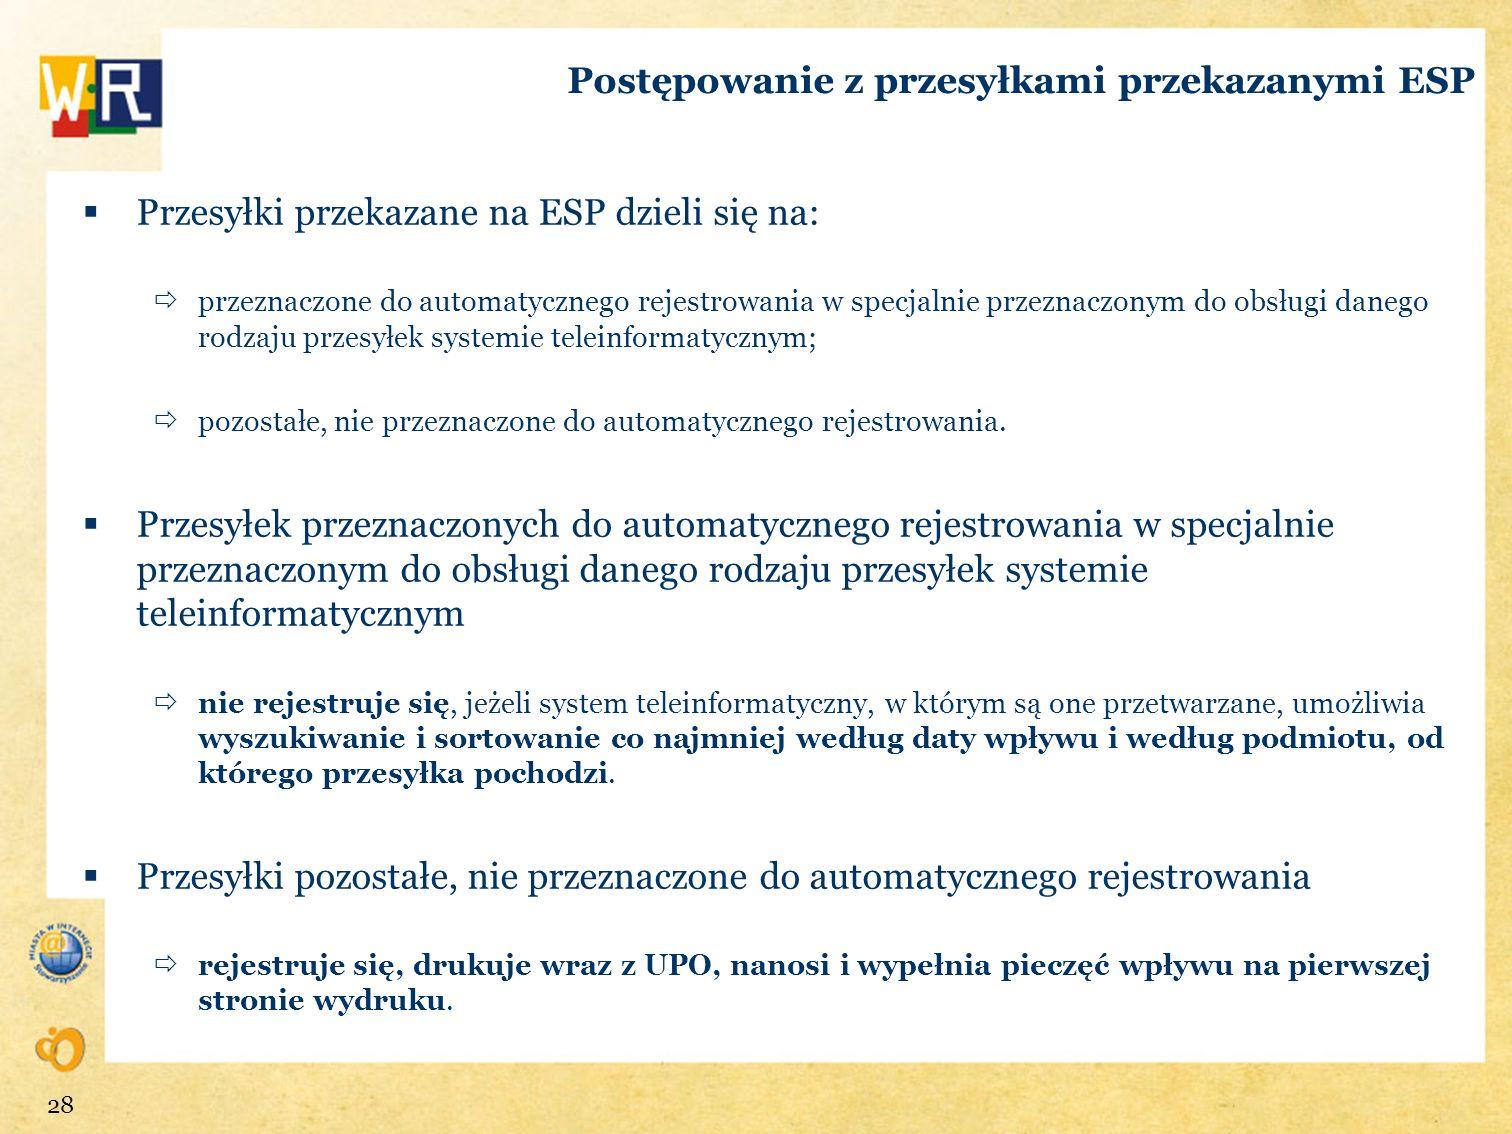 Postępowanie z przesyłkami przekazanymi ESP Przesyłki przekazane na ESP dzieli się na: przeznaczone do automatycznego rejestrowania w specjalnie przez